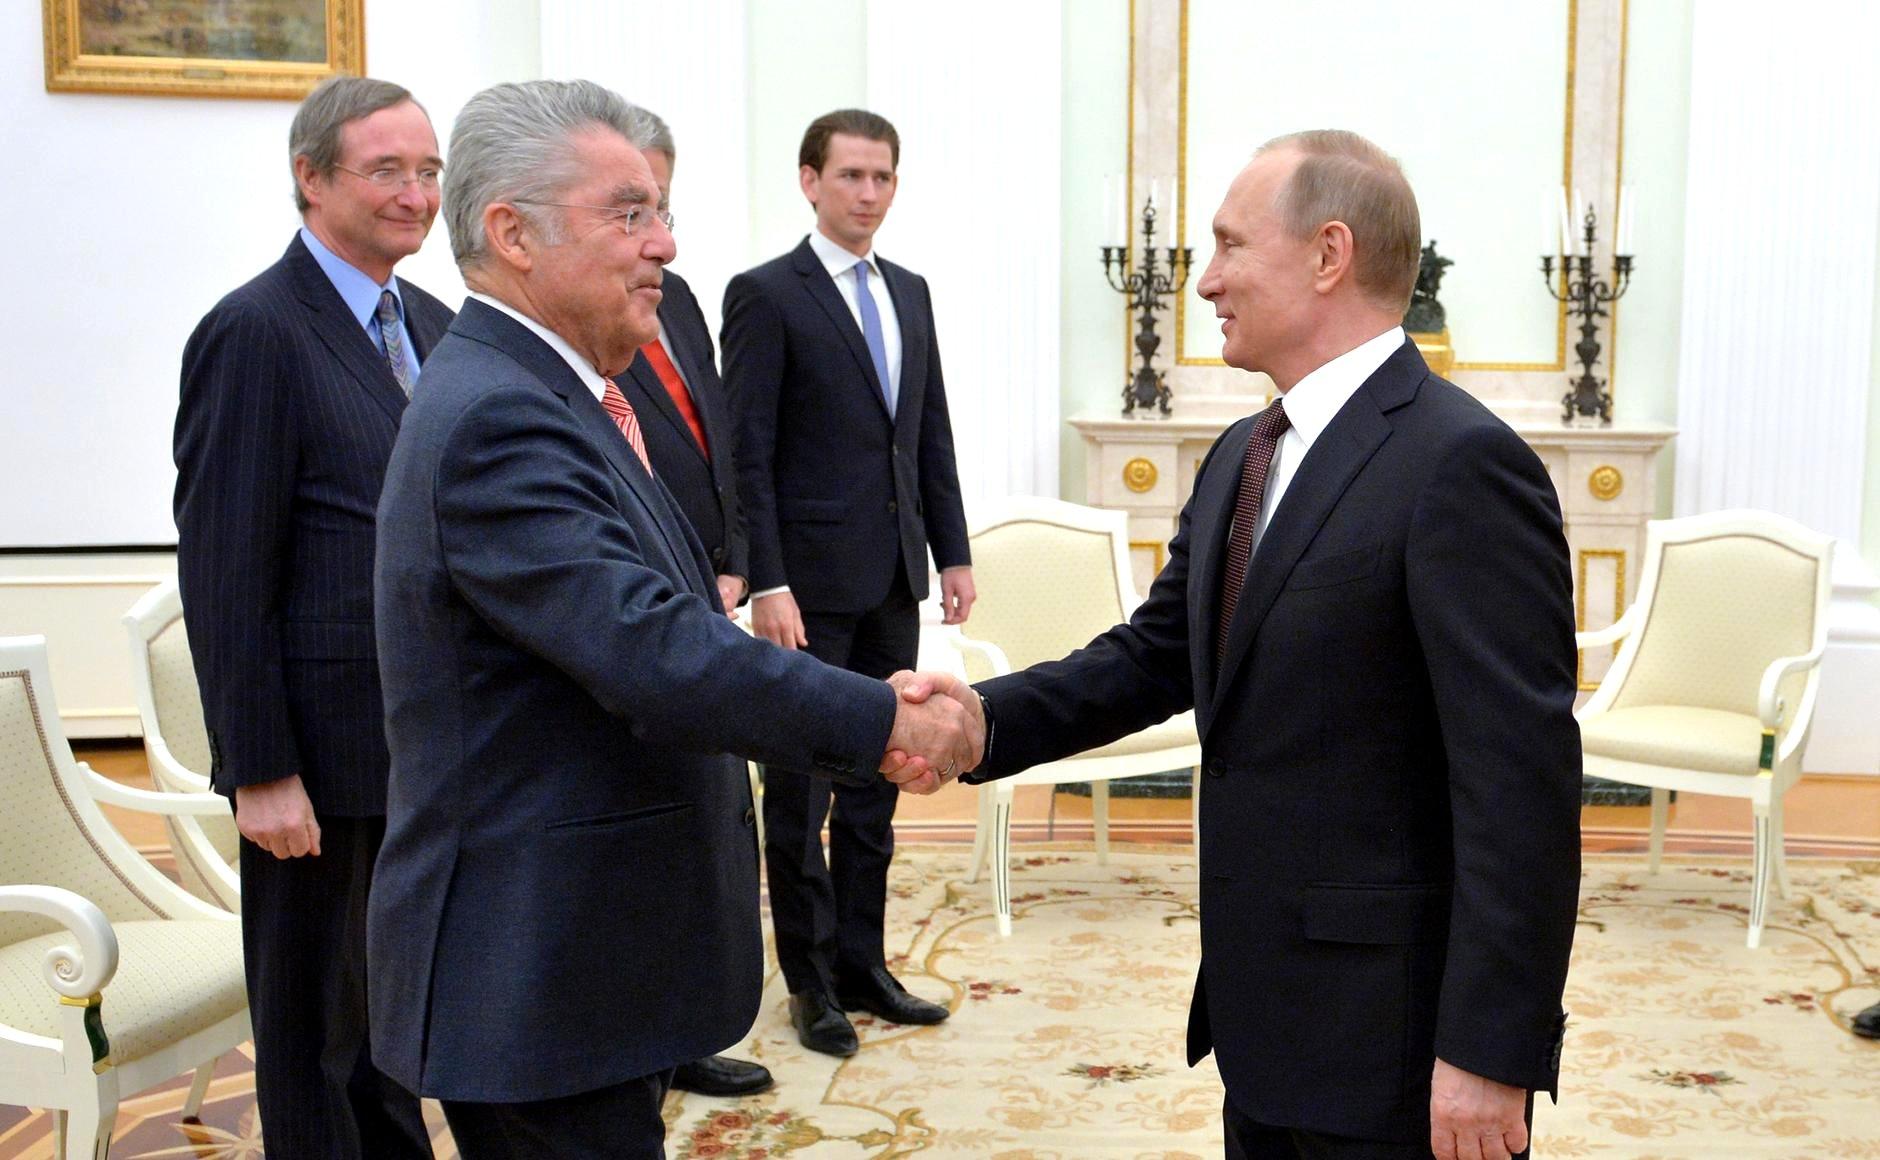 Austrian President Heinz Fischer meets with Russian President Vladimir Putin, April 6, 2016.